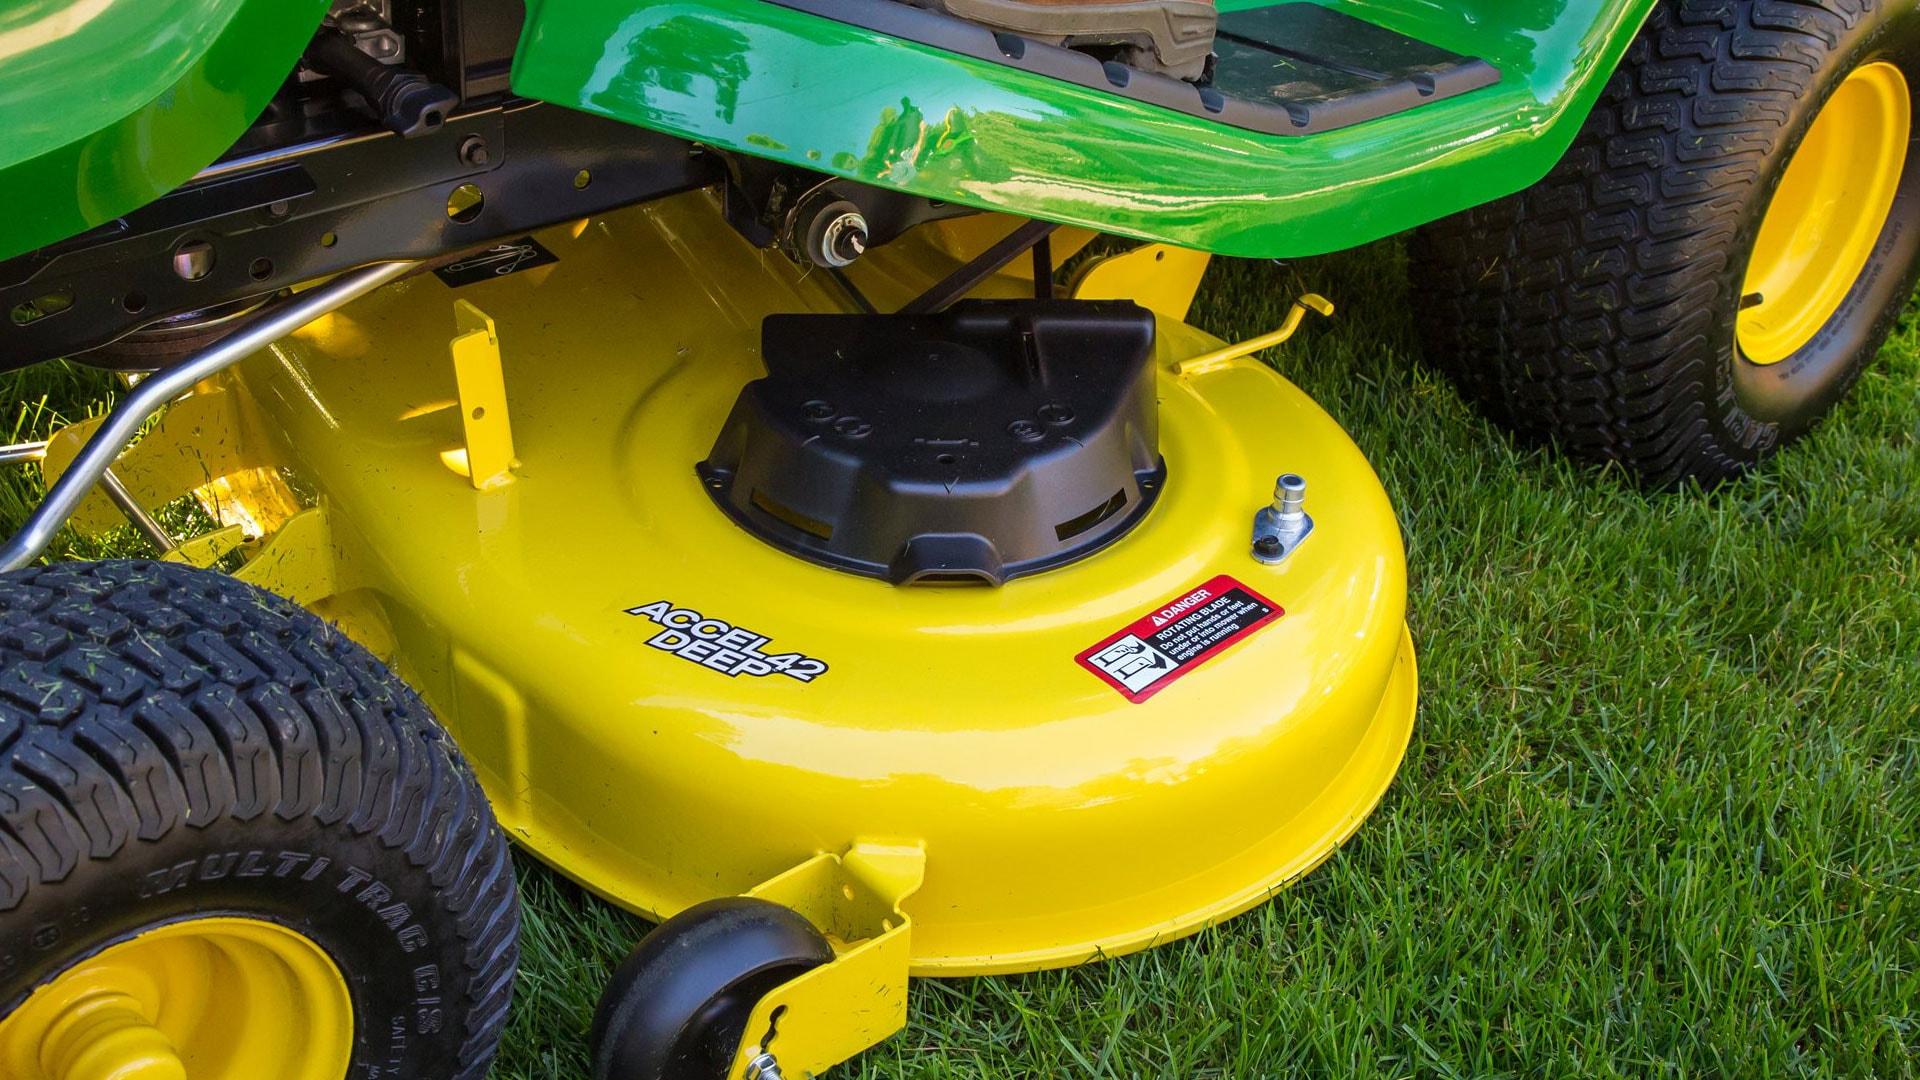 Heavy-duty mower deck for enhanced cutting performance